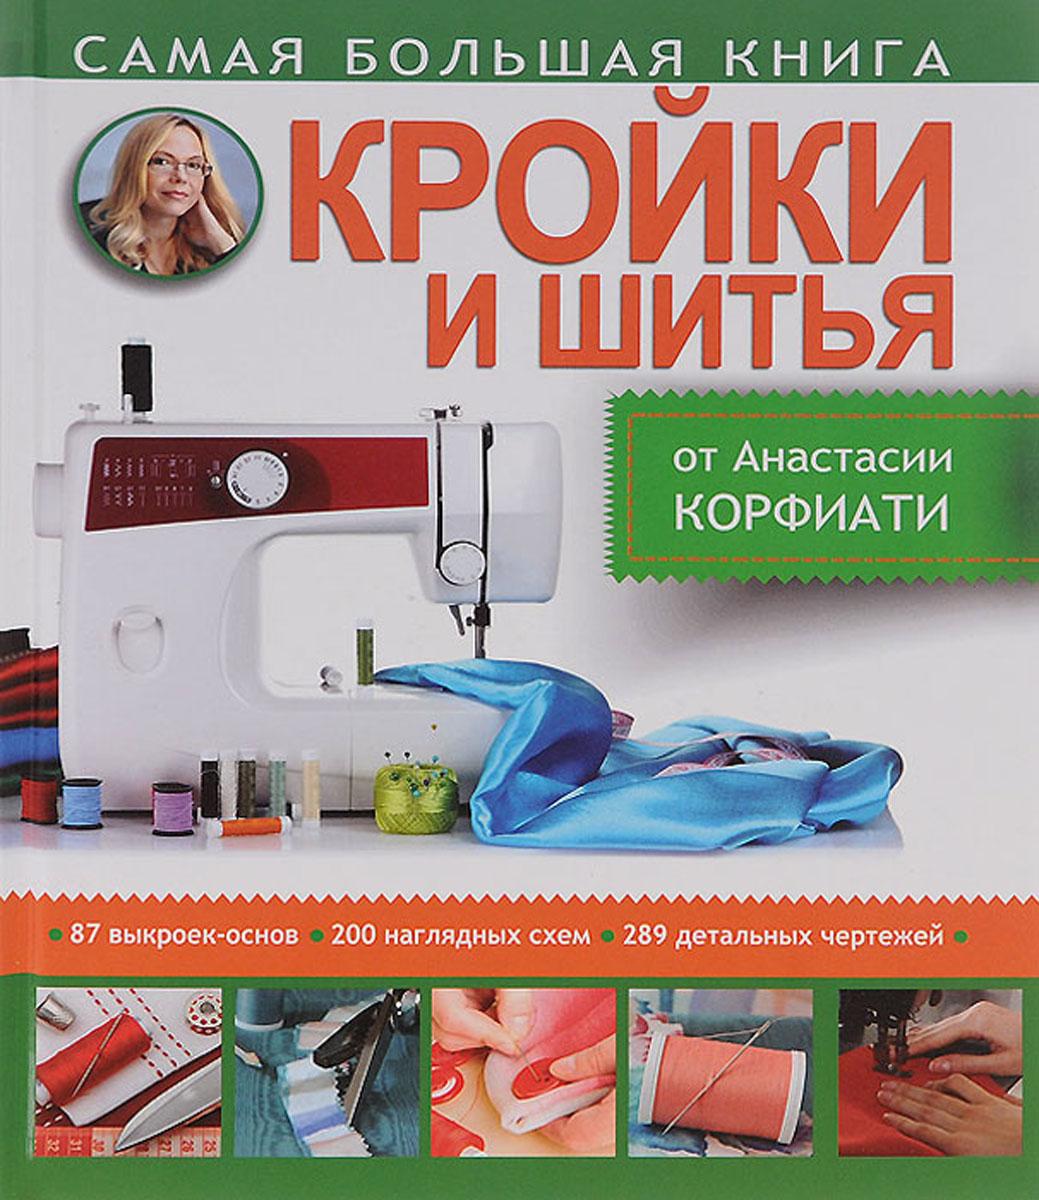 1d2e7cd9a13 Самая большая книга кройки и шитья от Анастасии Корфиати — купить в  интернет-магазине OZON.ru с быстрой доставкой